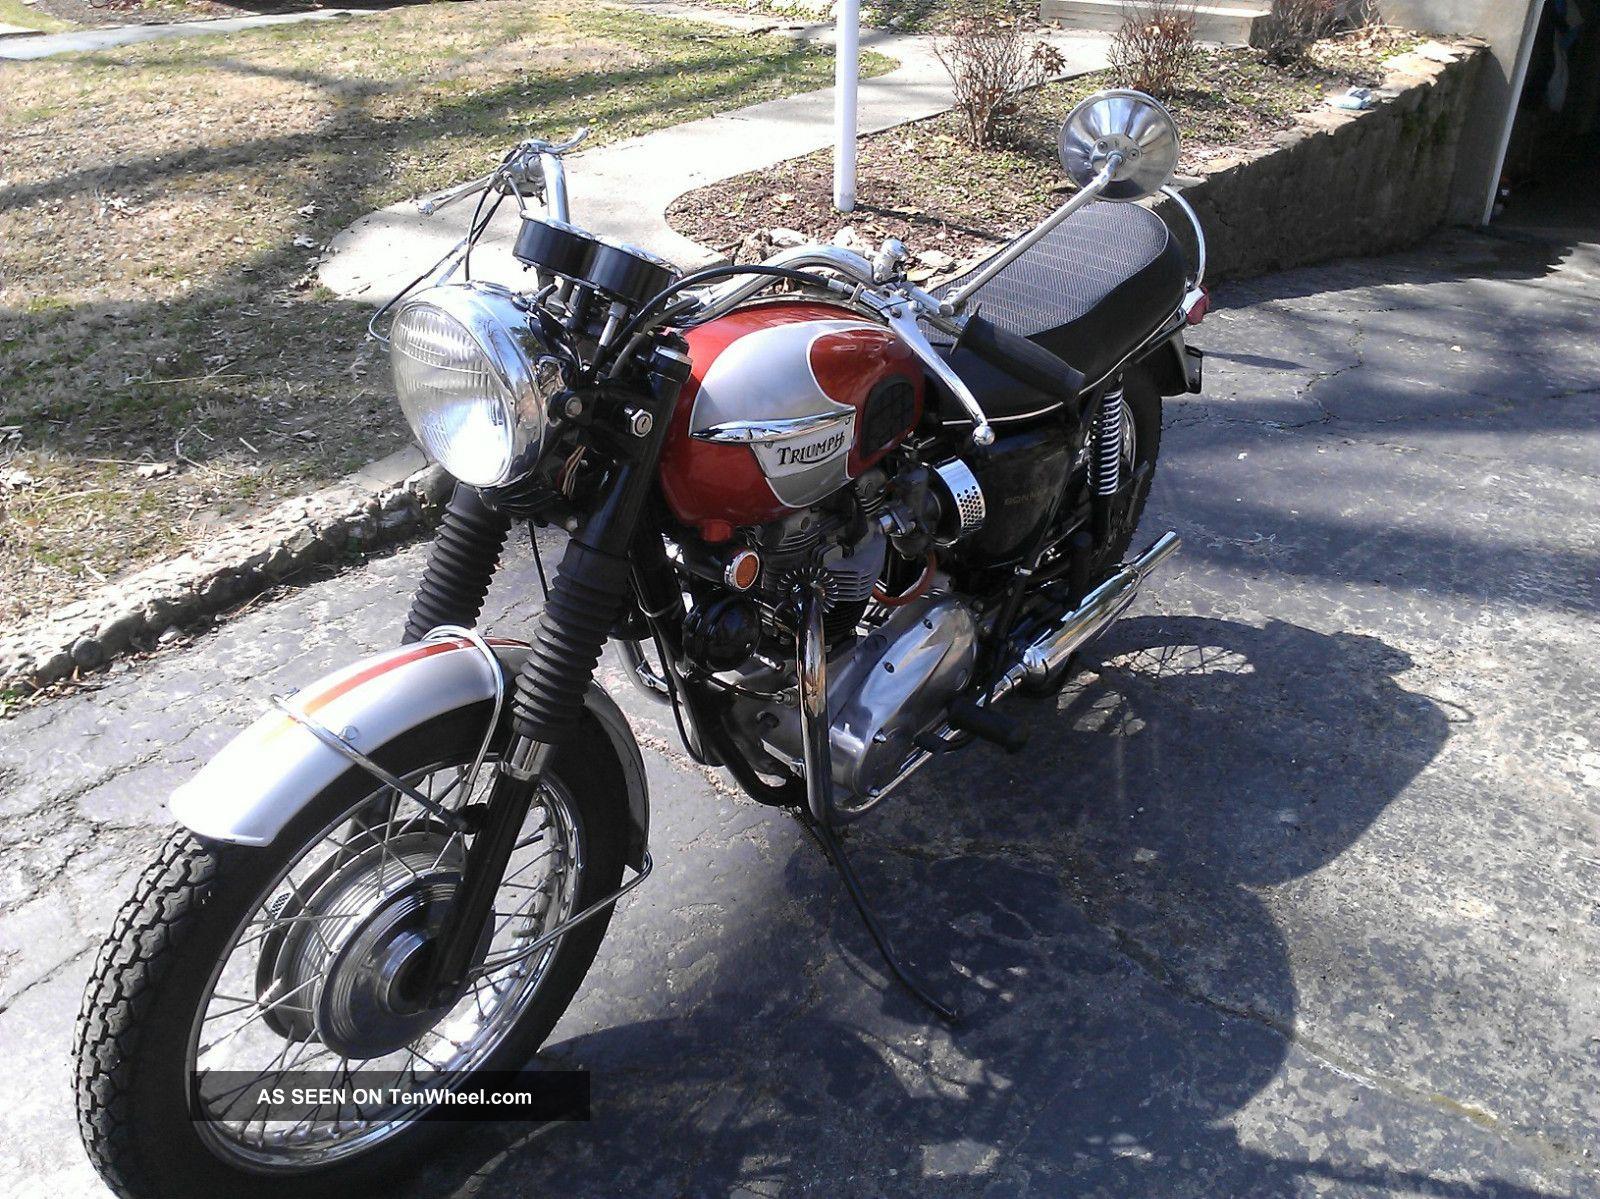 1969 Triumph Bonnevillet120 Bonneville photo